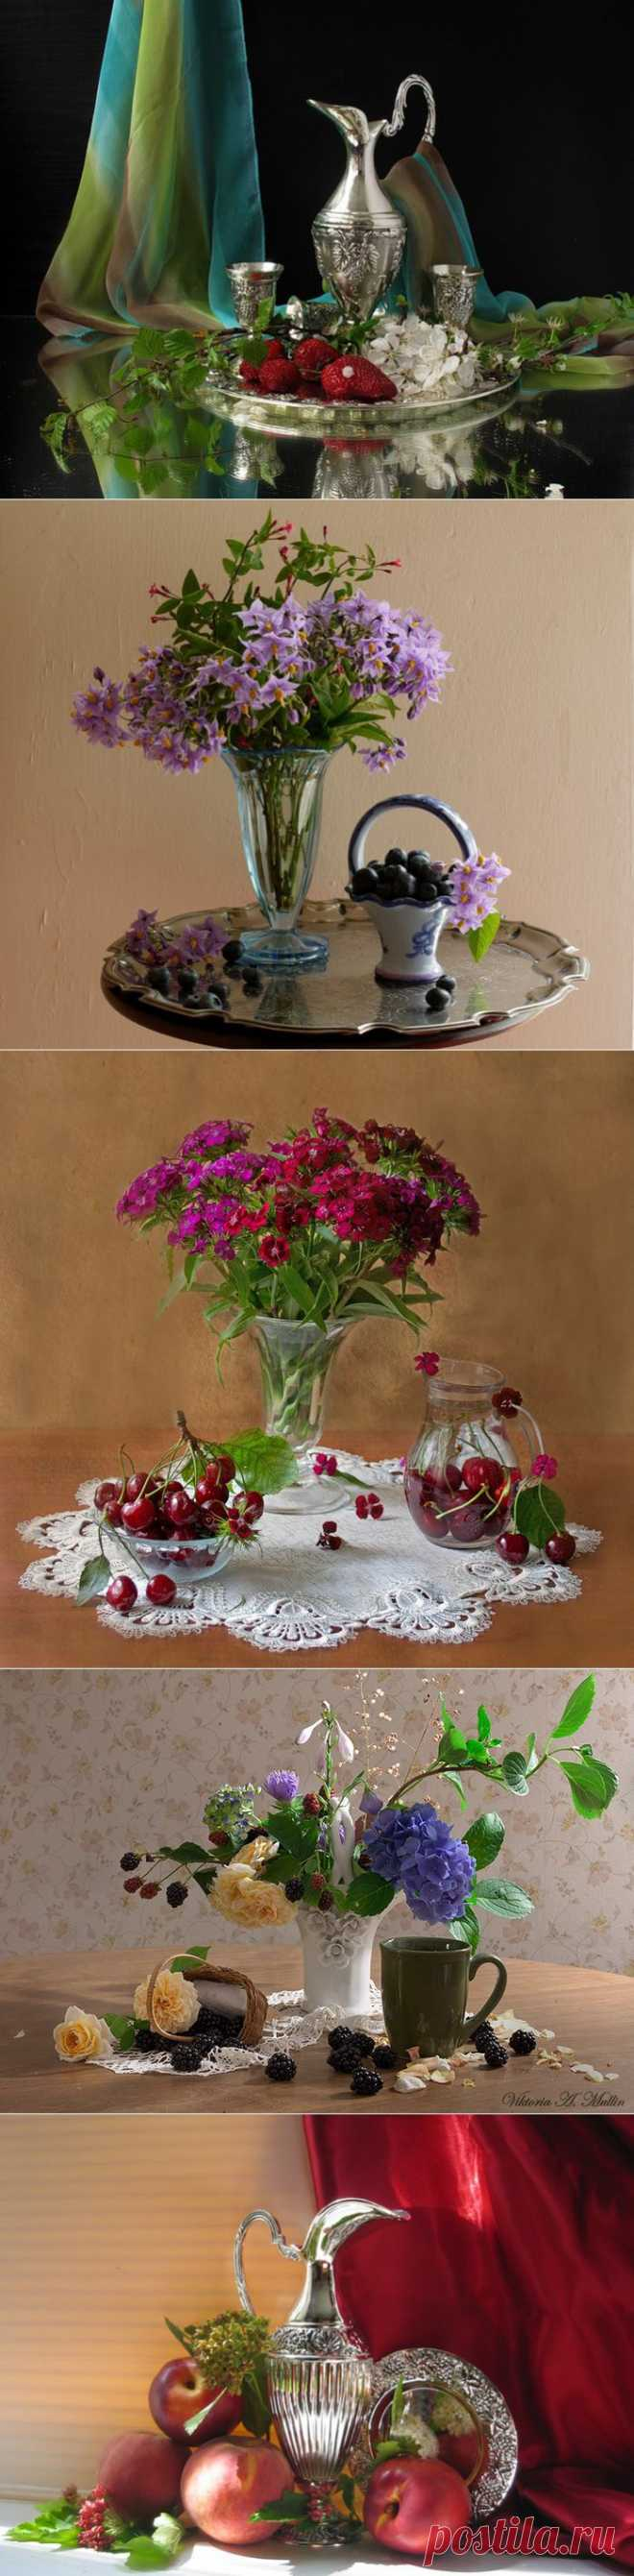 Натюрморты цветочно-ягодные.